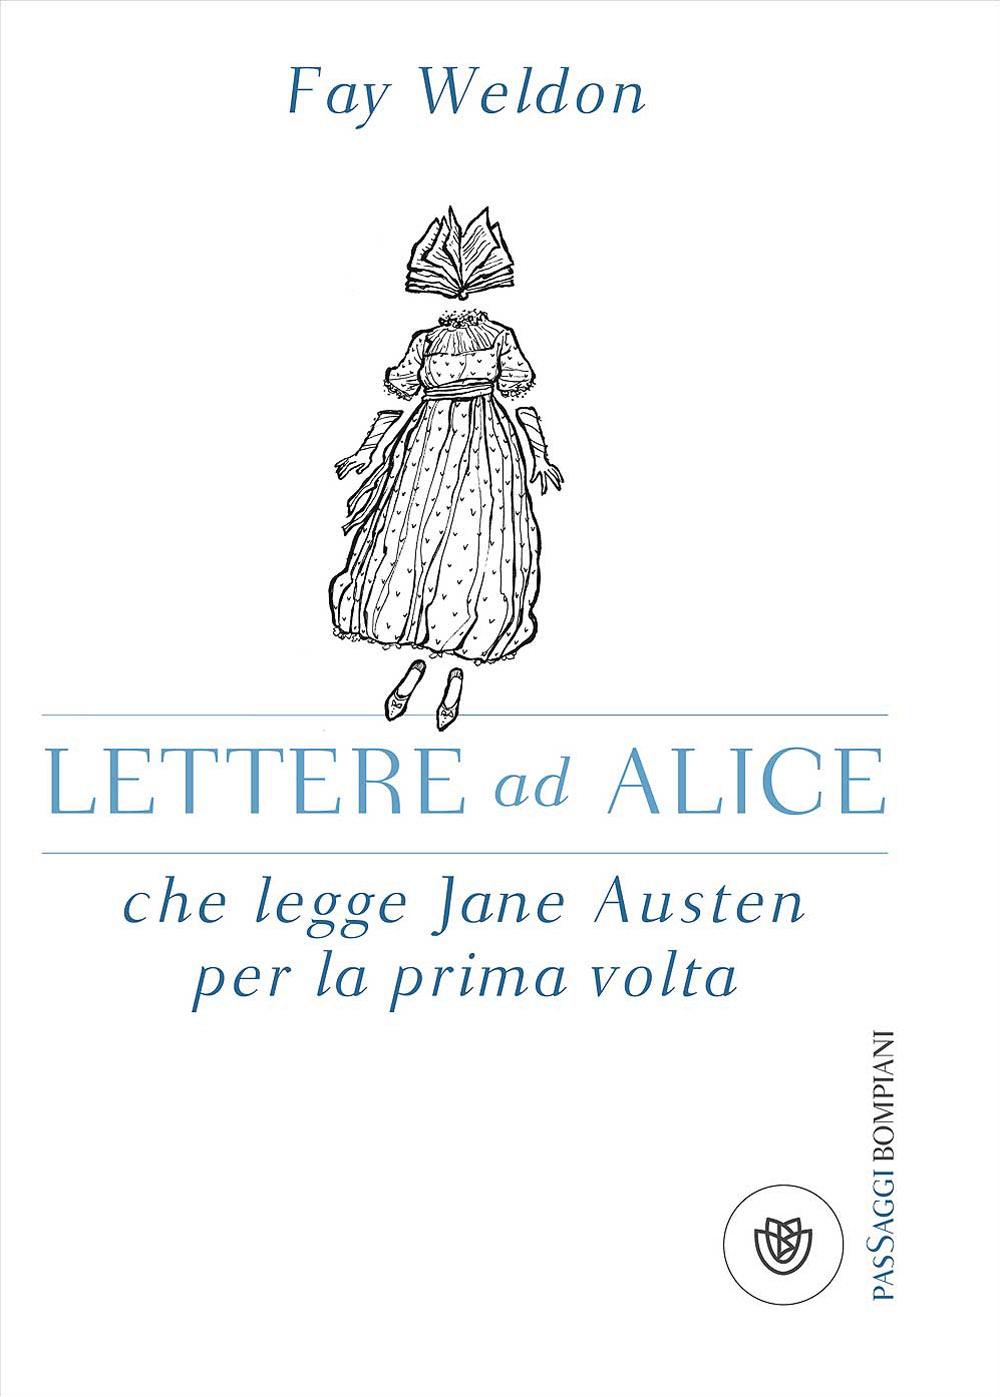 Lettere ad Alice che legge Jane Austen per la prima volta